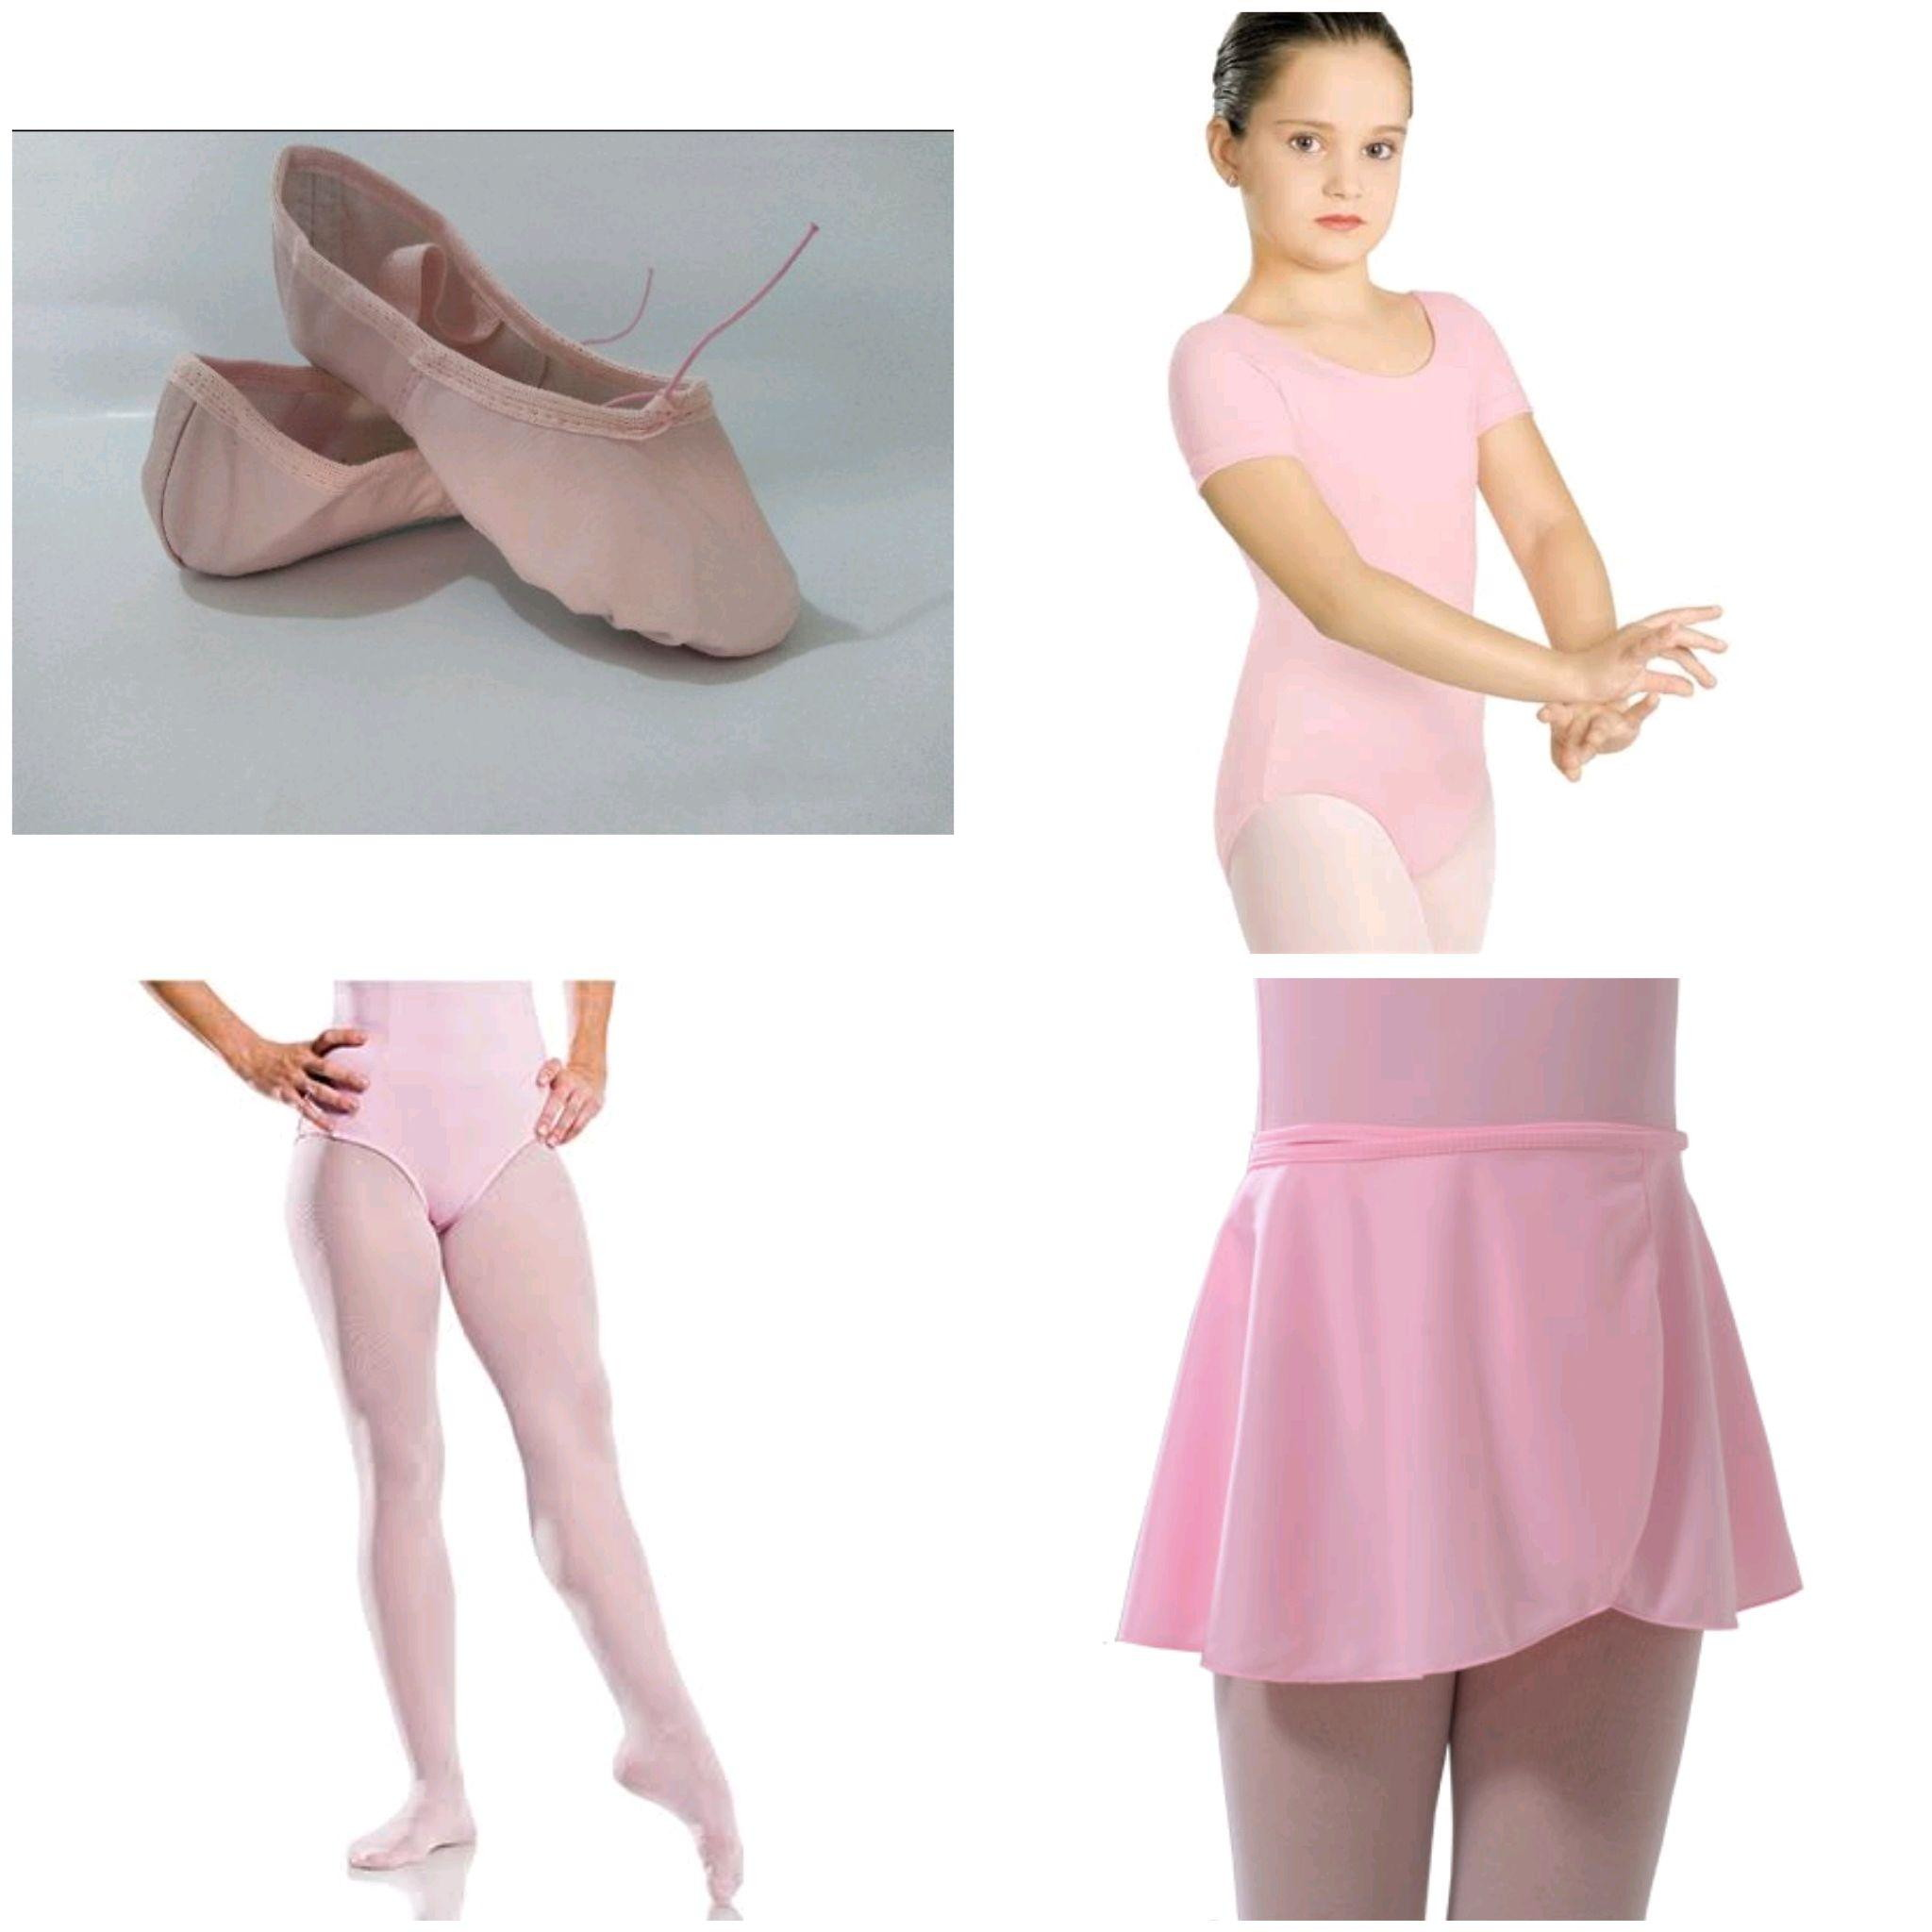 fa01ac490caf0 Modelo Collant Manga Curta Ballet | Elo7